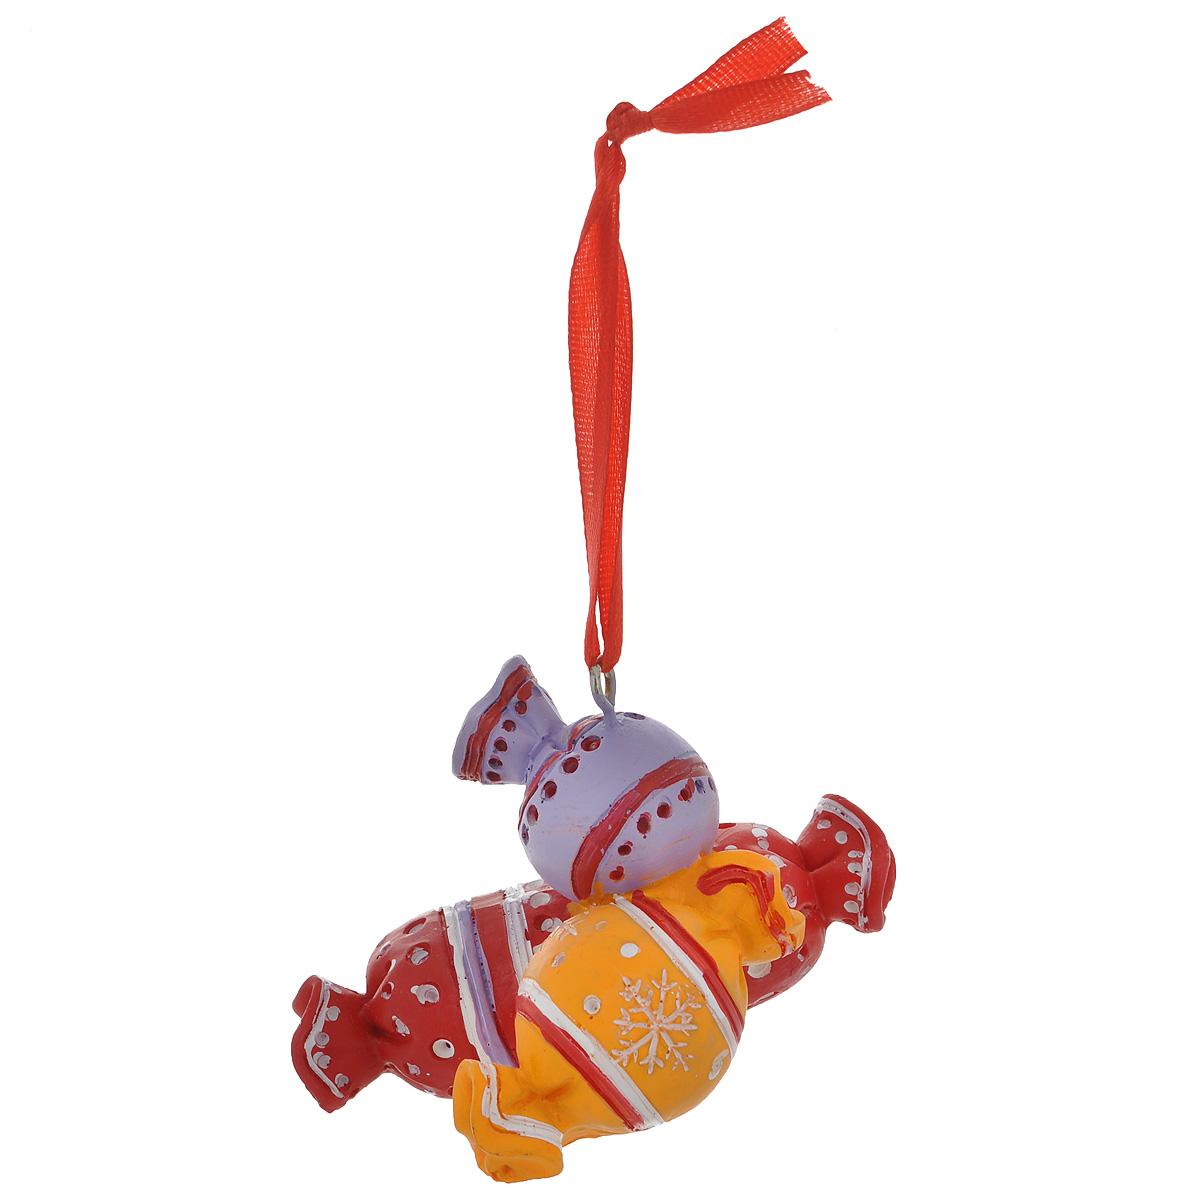 Новогоднее подвесное украшение Конфеты. 3457435542Оригинальное новогоднее украшение из пластика прекрасно подойдет для праздничного декора дома и новогодней ели. Изделие крепится на елку с помощью металлического зажима.